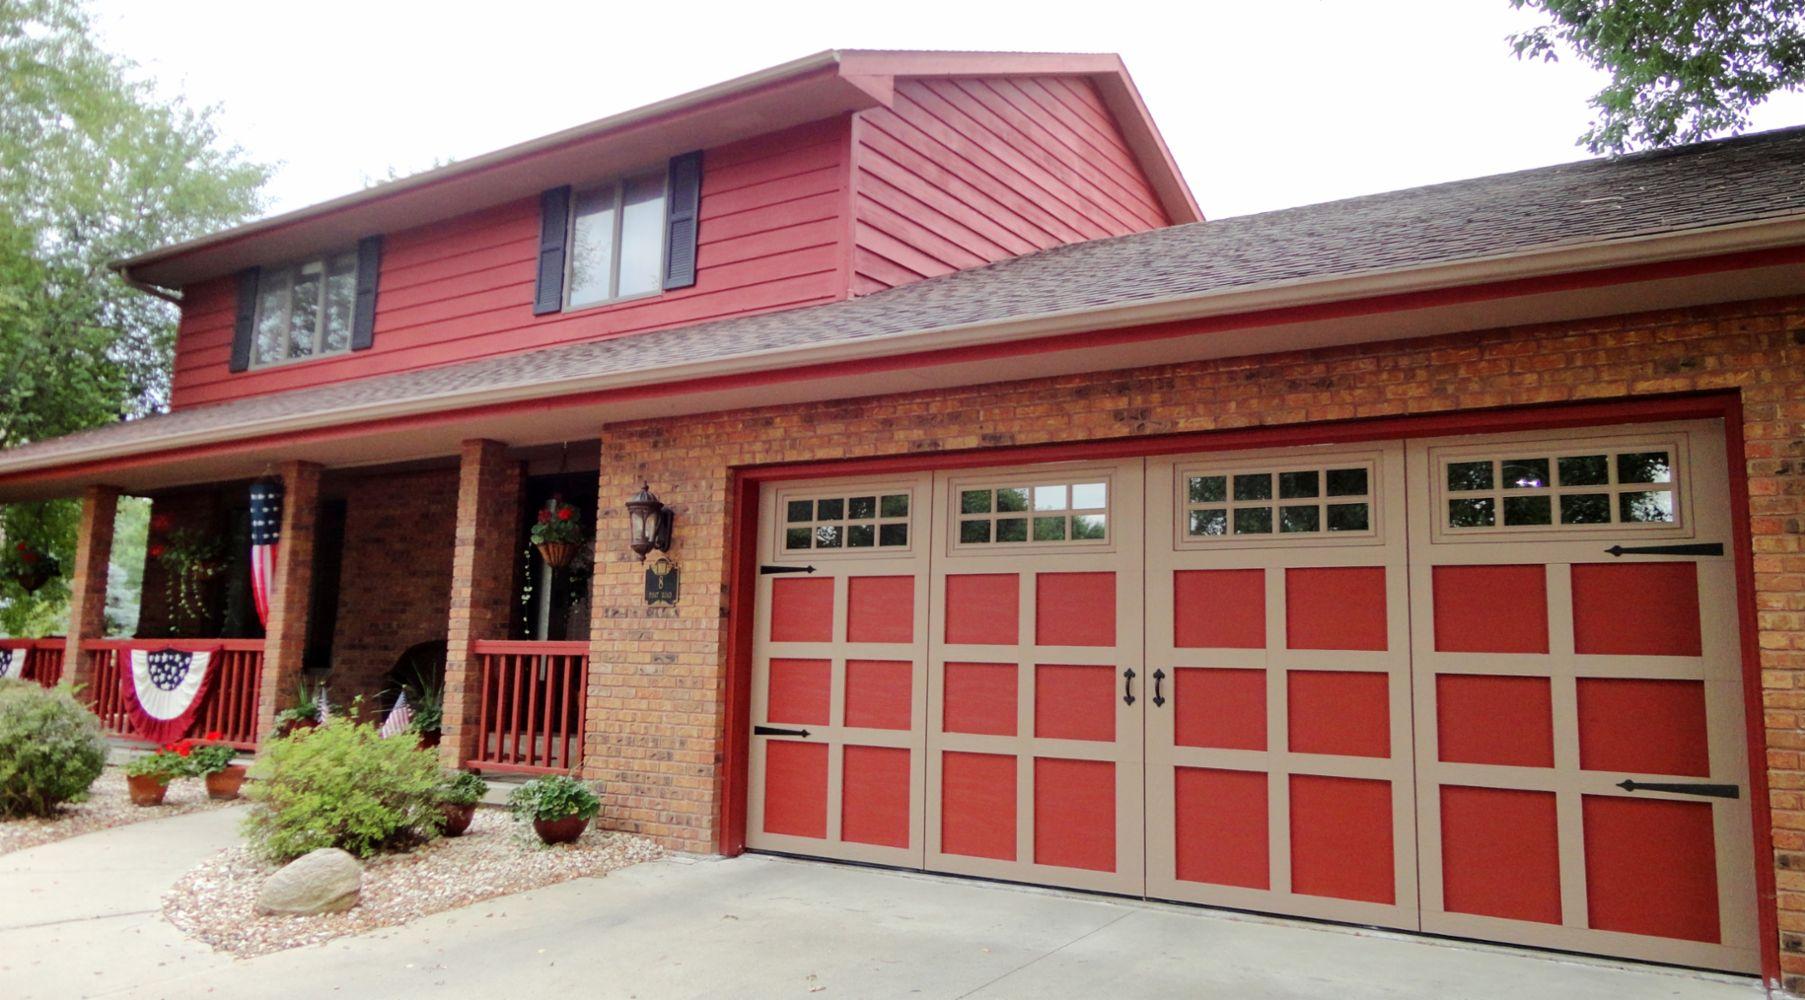 1000 #7E312B Automatic Garage Door Repair Garage Door Opener Remote Fix Garage Door  save image Ab Garage Doors 36471805